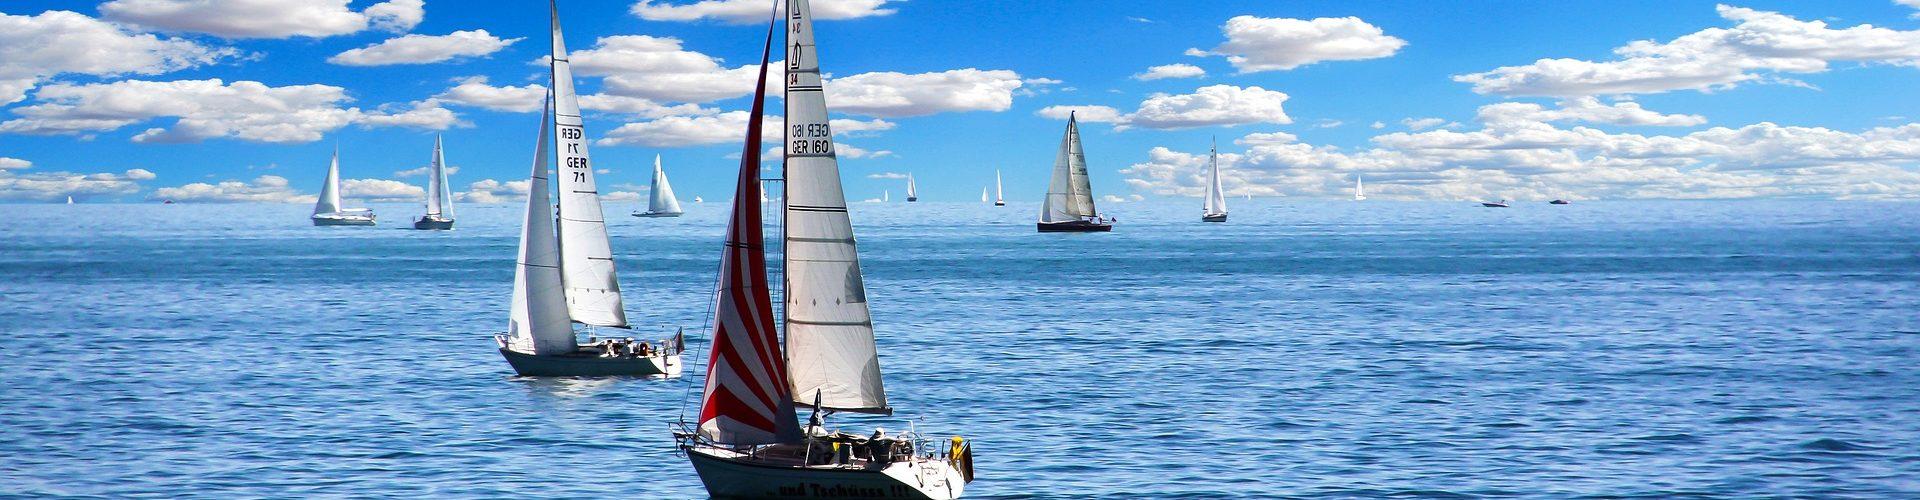 segeln lernen in Soltau segelschein machen in Soltau 1920x500 - Segeln lernen in Soltau